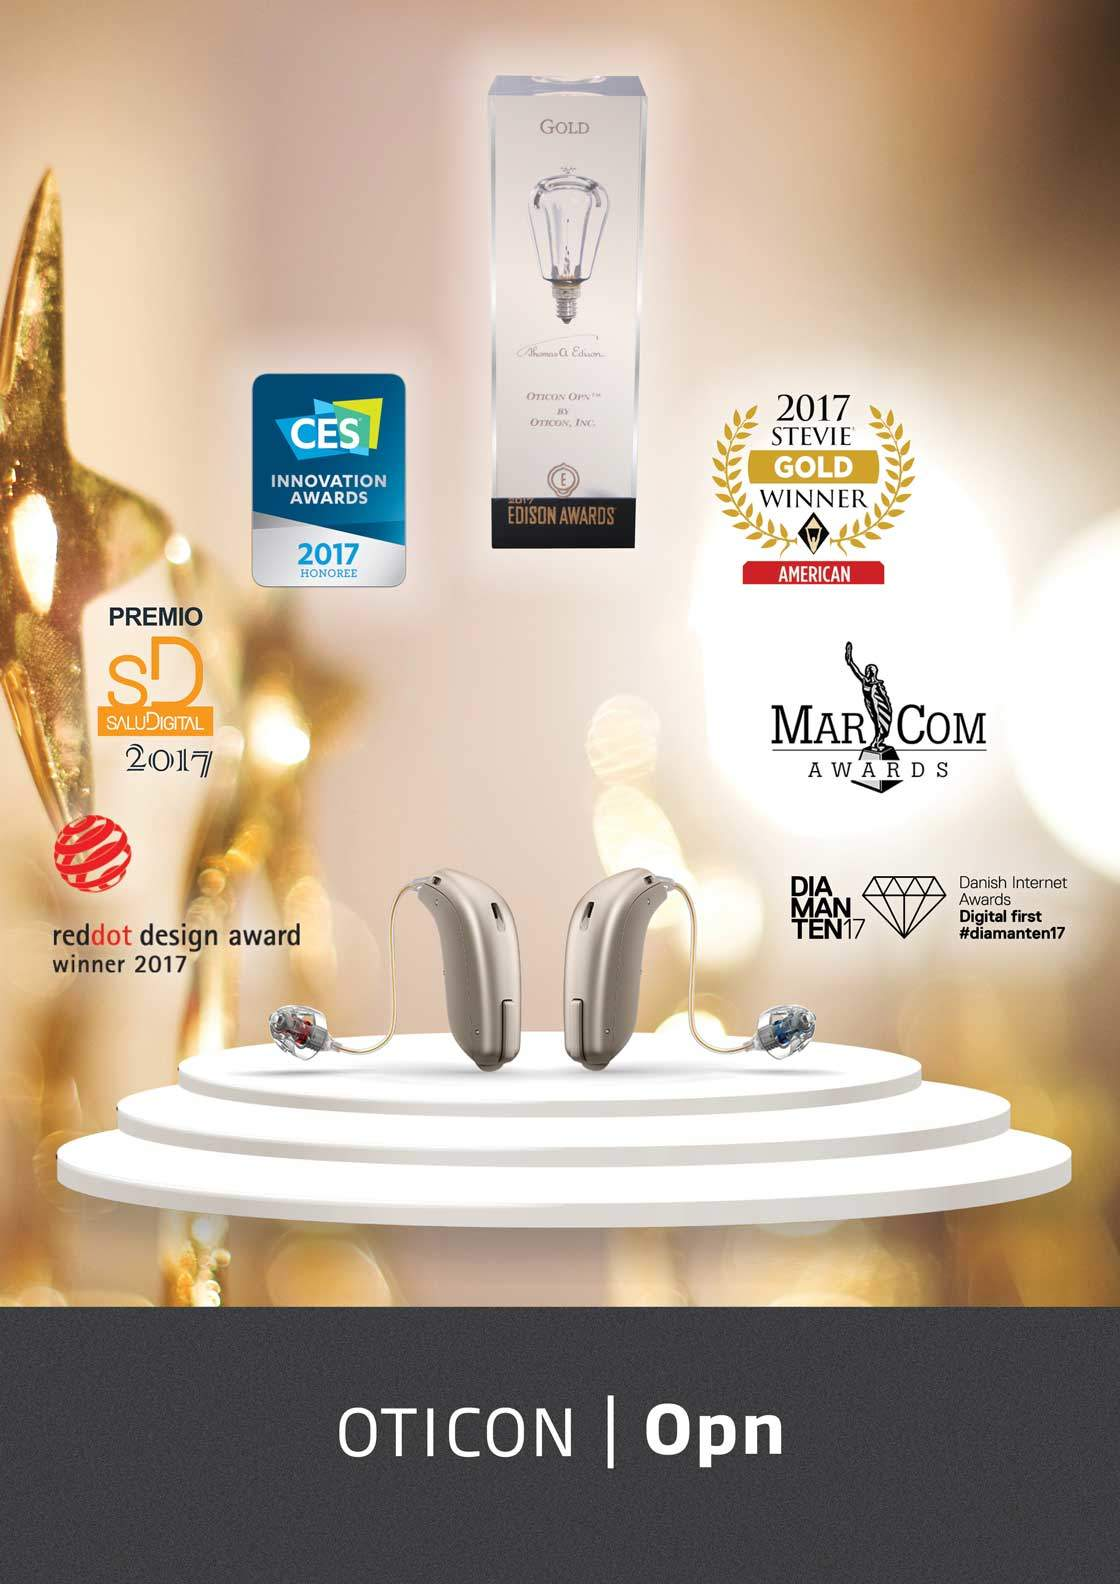 Oticon Opn Özellikleri ve Ödülleri